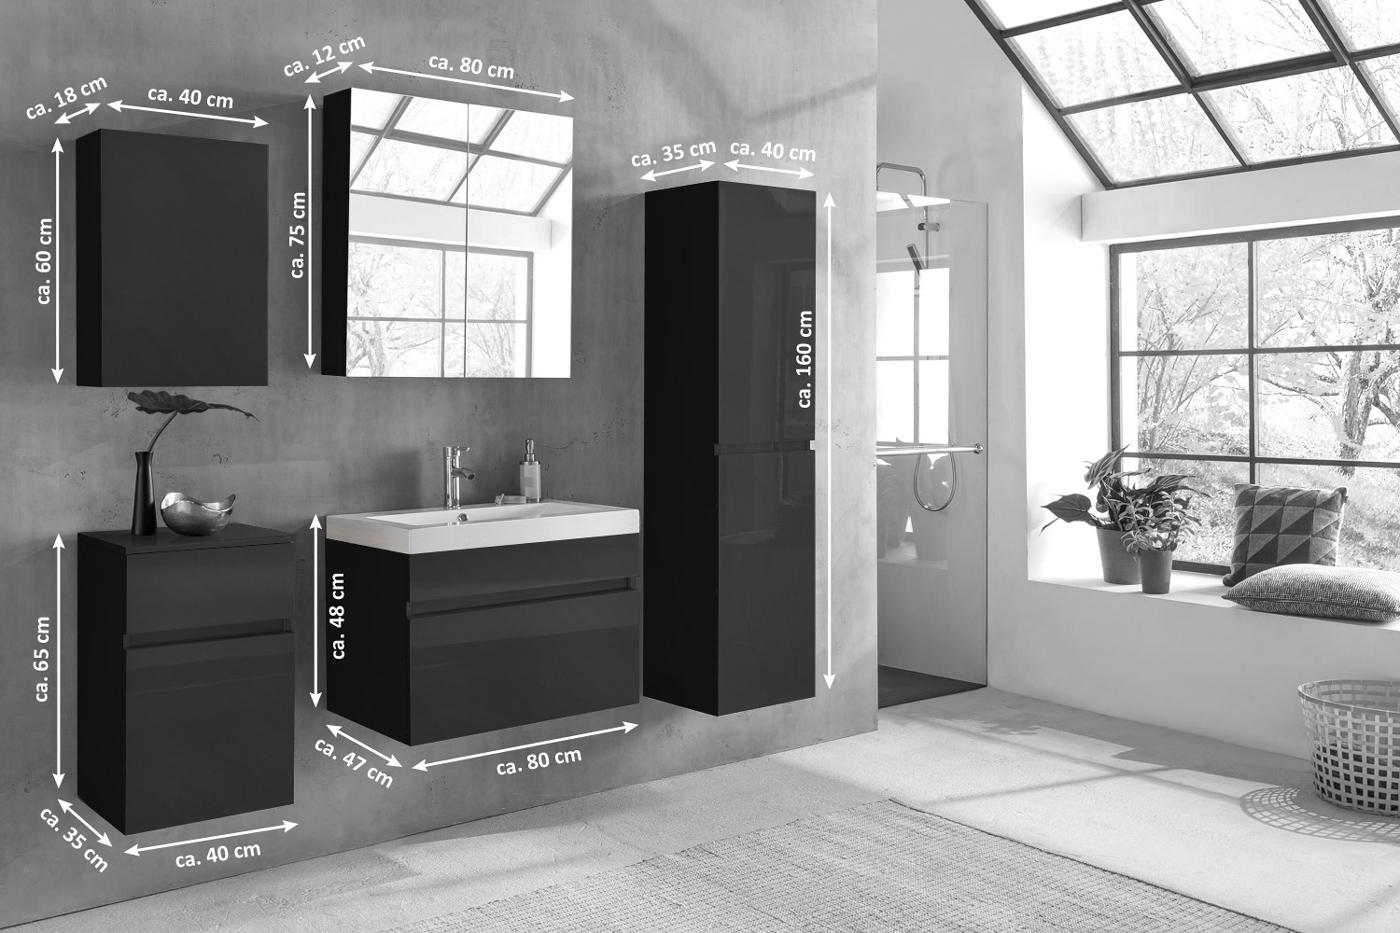 Moderne badezimmermöbel schwarz  SAM® Badezimmermöbel PARMA 5tlg schwarz Hochglanz 80 cm Demnächst !